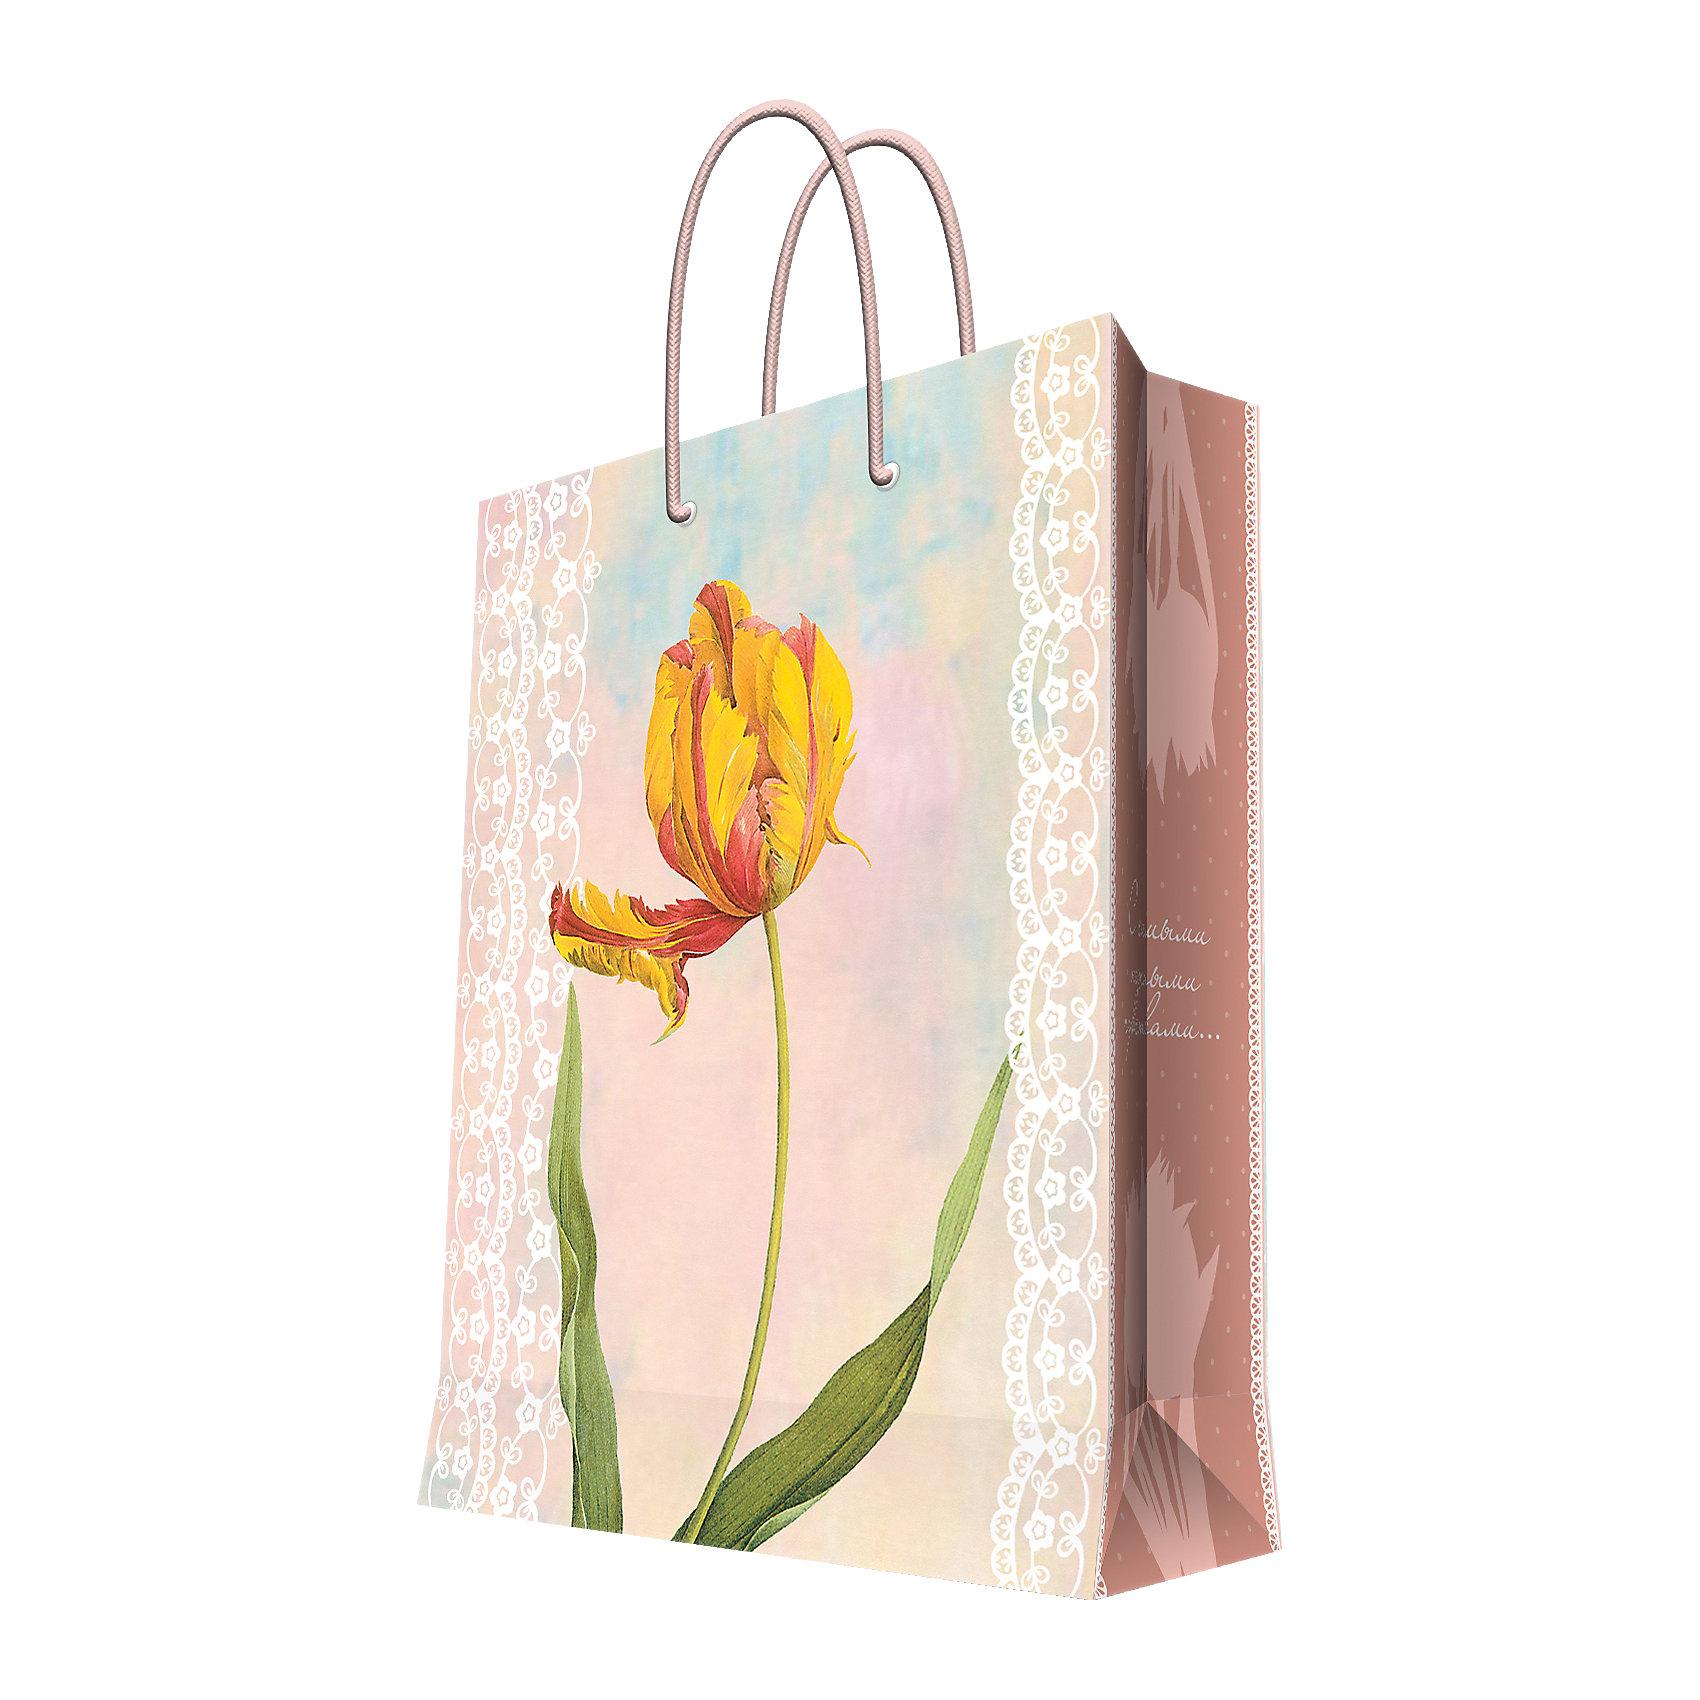 Феникс-Презент Подарочный пакет Тюльпан 26*32,4*12,7 см феникс презент подарочный пакет лимоны 26 32 4 12 7 см